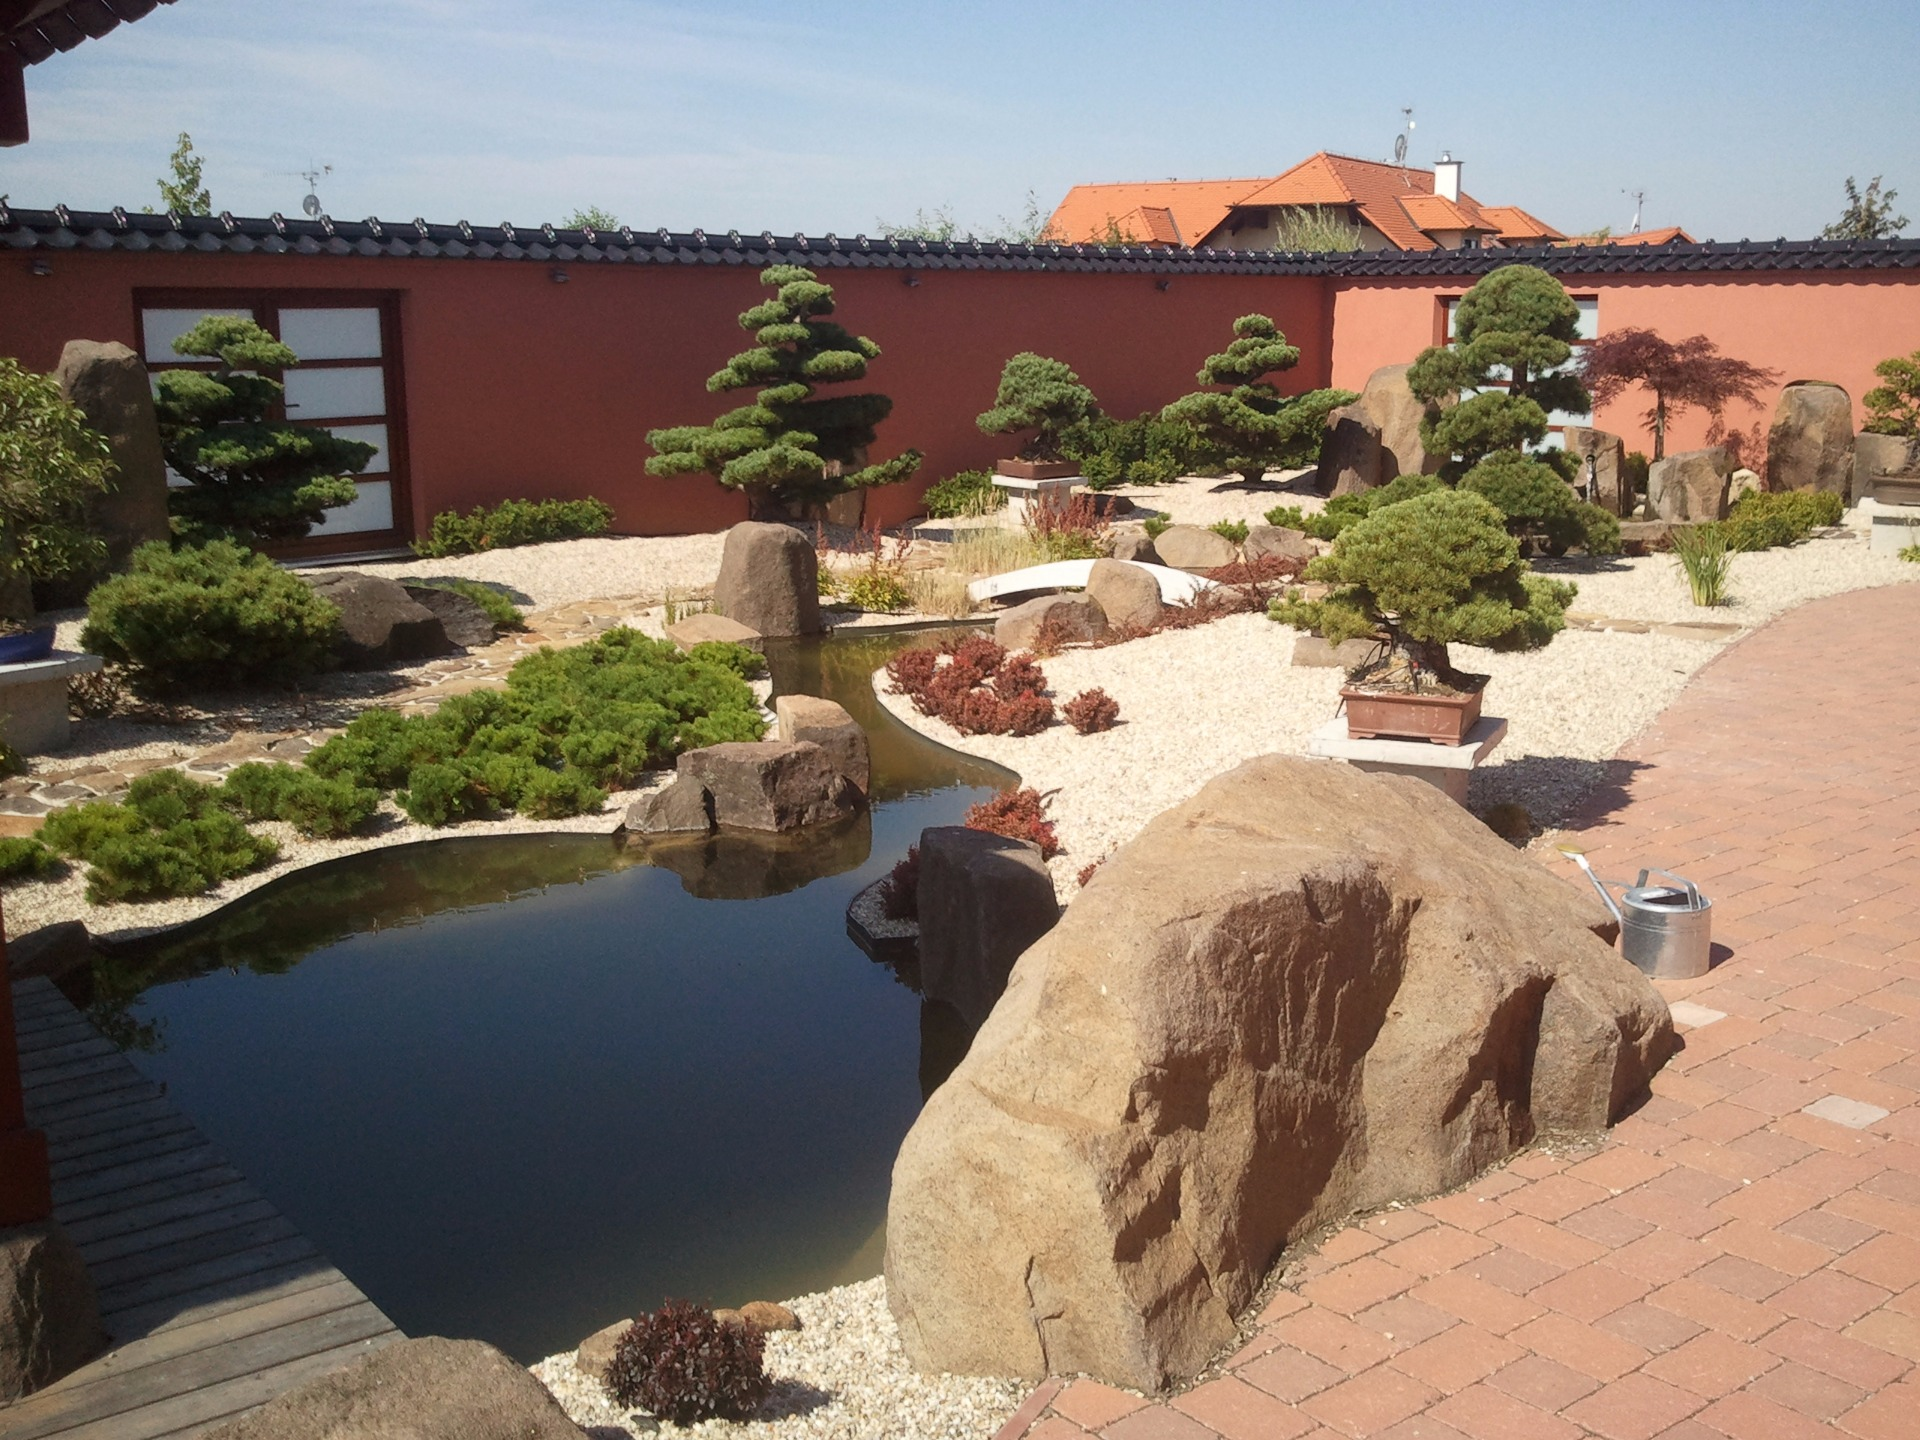 Realizace zahrady, levné bydlení v přírodě-konzultace ohledně financování